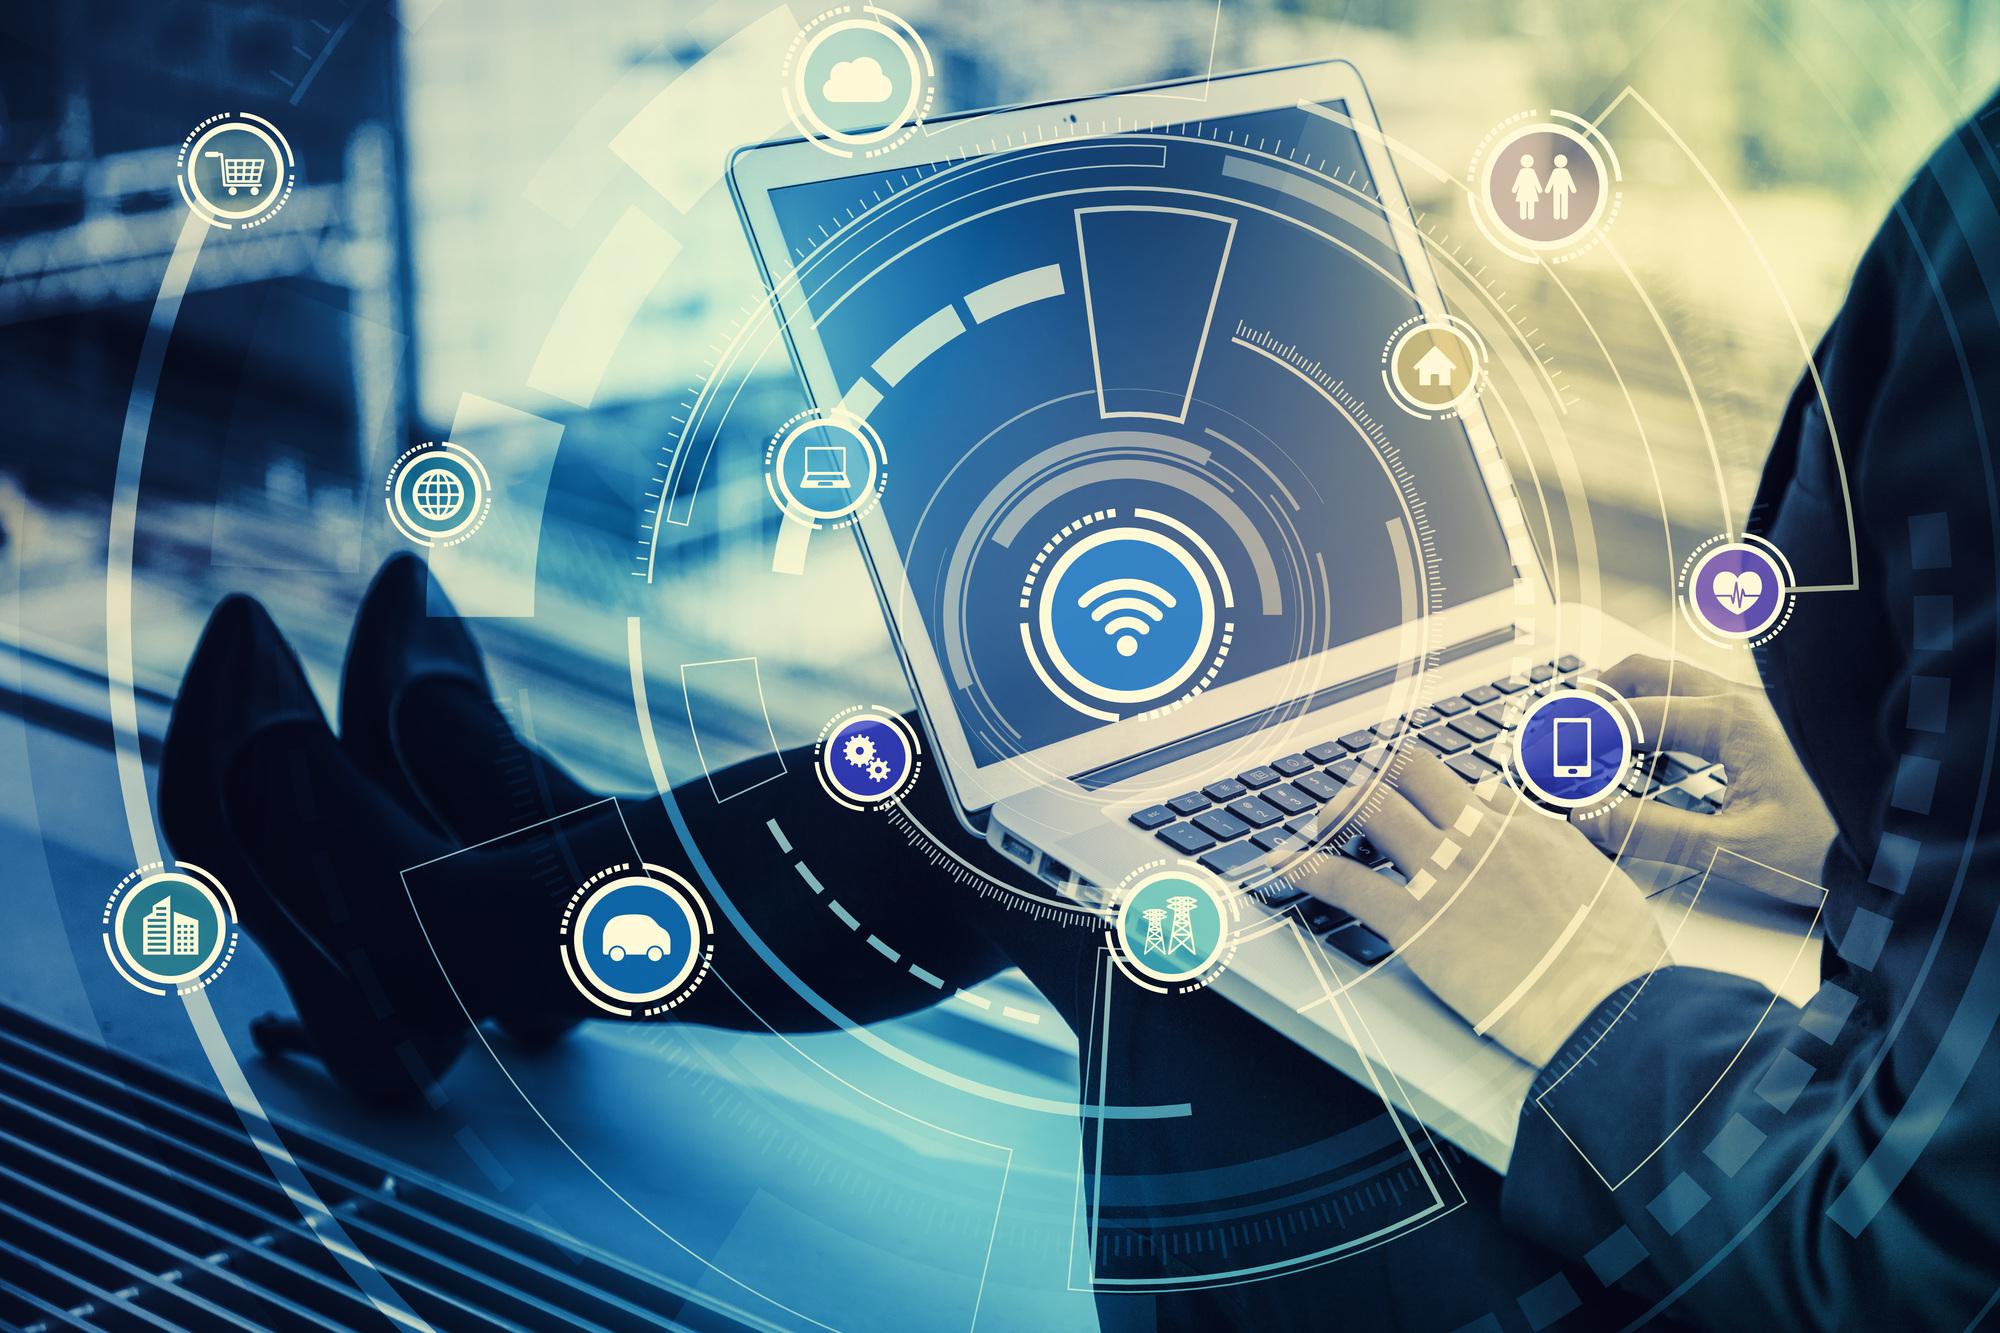 Wi-Fi6こと次世代の無線LAN規格IEEE802.11axをご紹介のアイキャッチイメージ